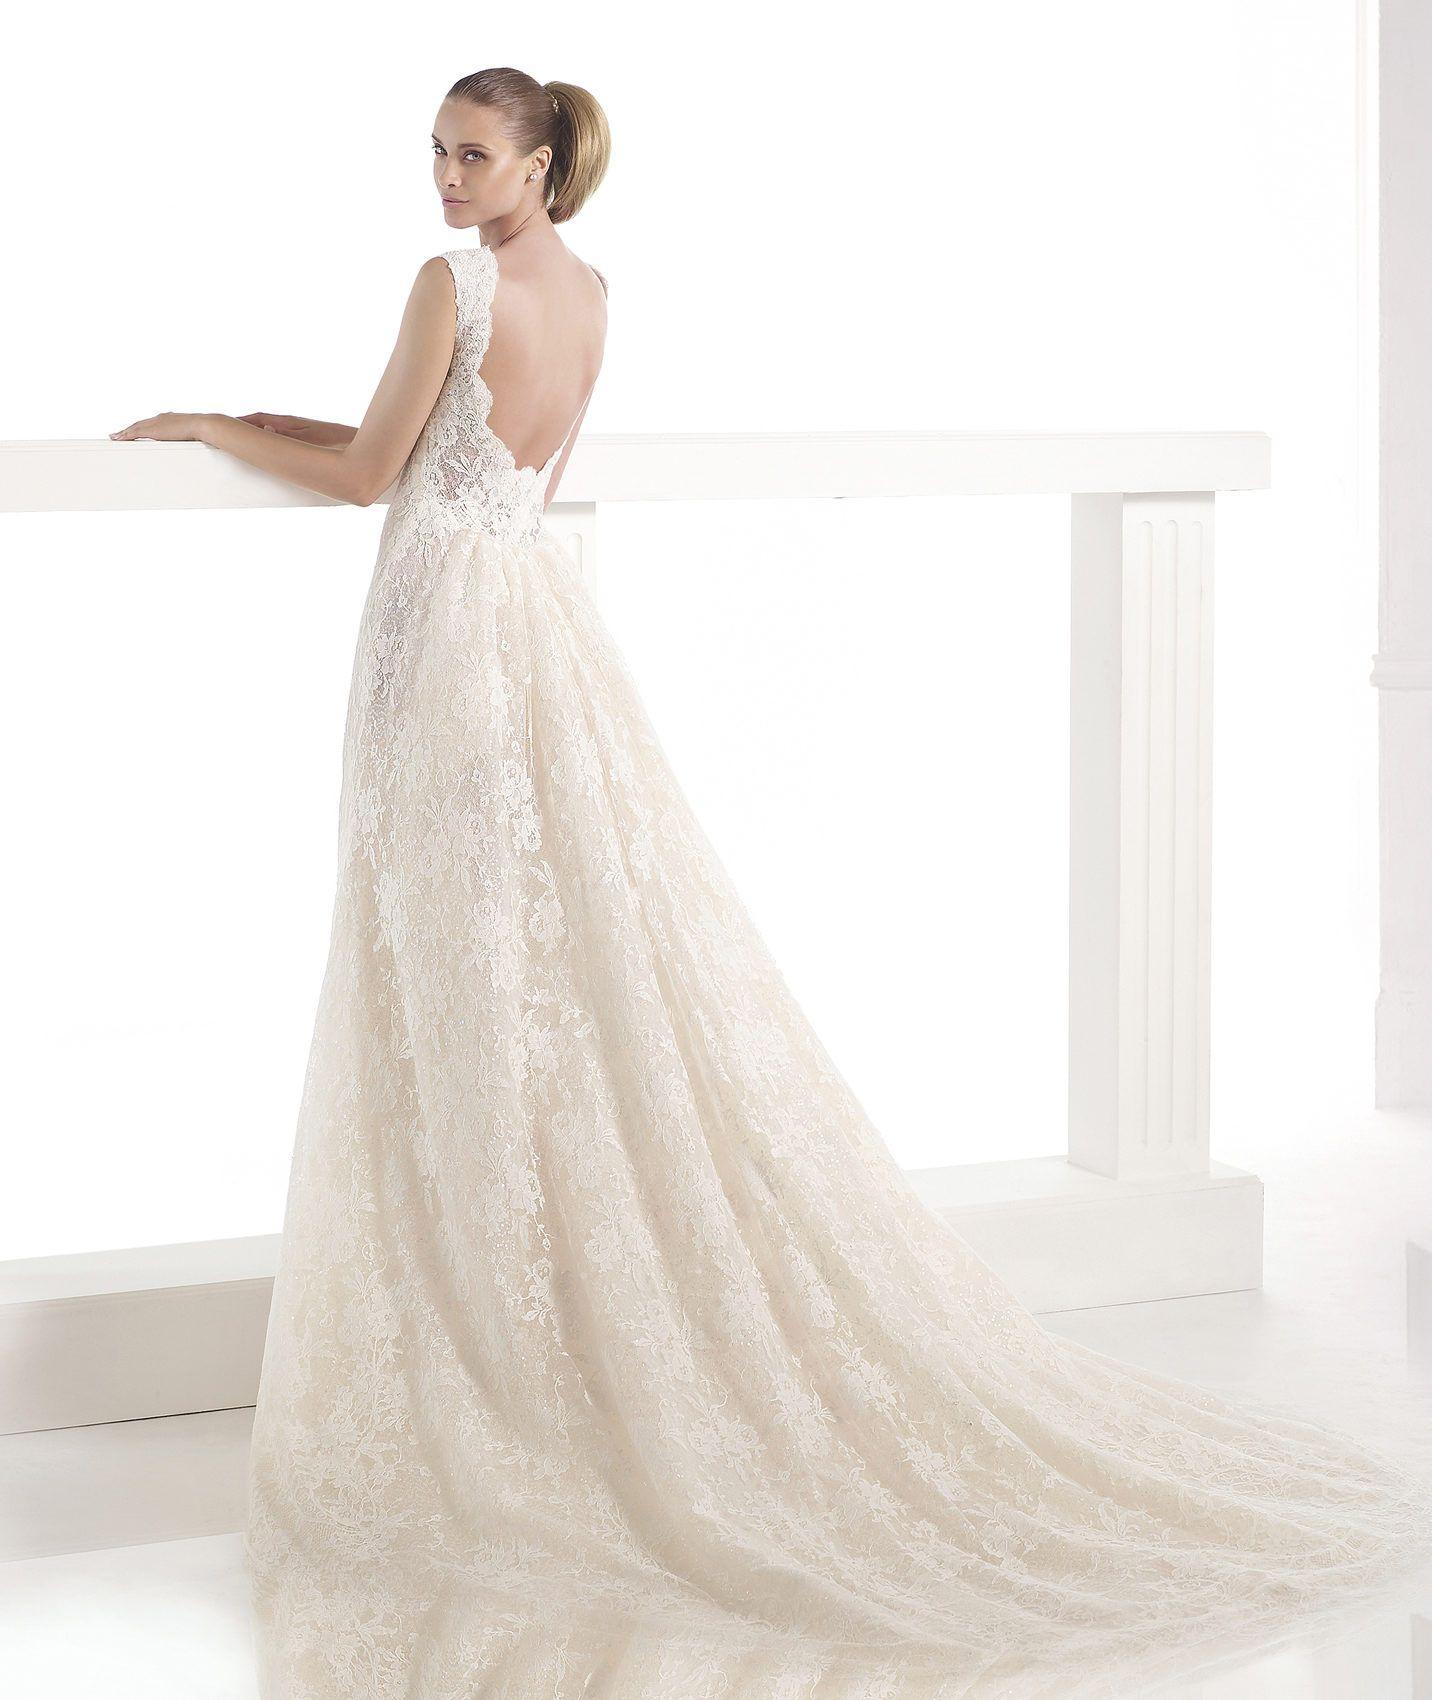 Robes de Mariée Atelier Pronovias 2015 | Notre Mariage